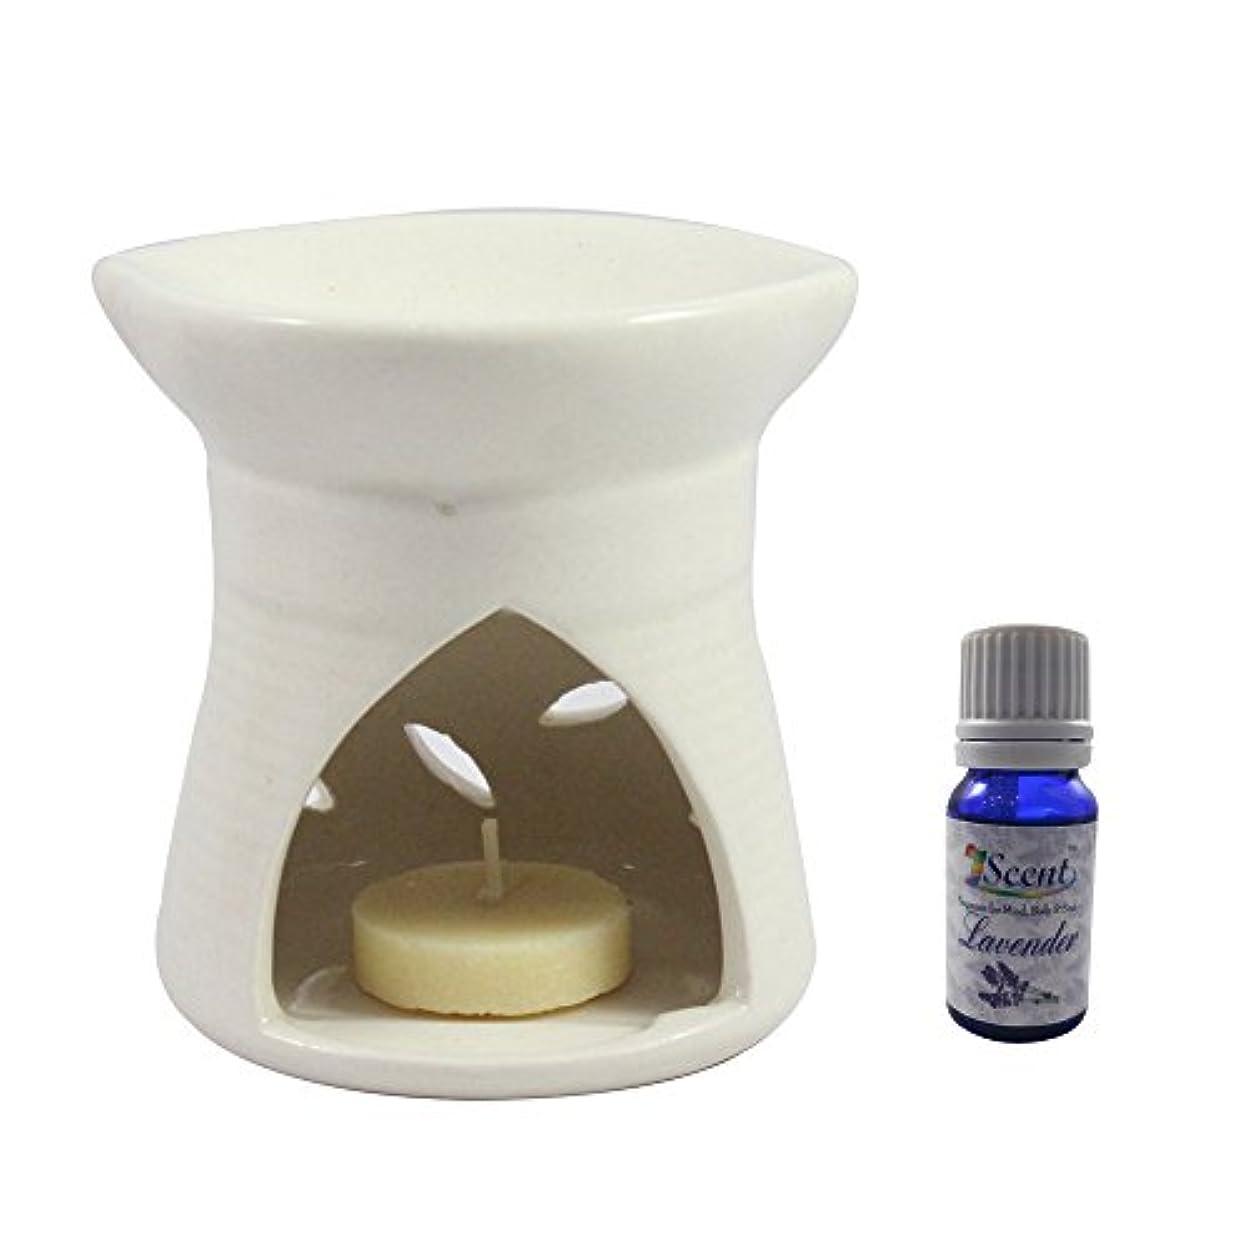 シャッフルクリエイティブ容疑者ホームデコレーション定期的に使用する汚染のない手作りセラミックエスニックティーライトキャンドルアロマディフューザーオイルバーナーサンダルウッドフレグランスオイル|ホワイトティーライトキャンドルアロマテラピー香油暖かい数量1